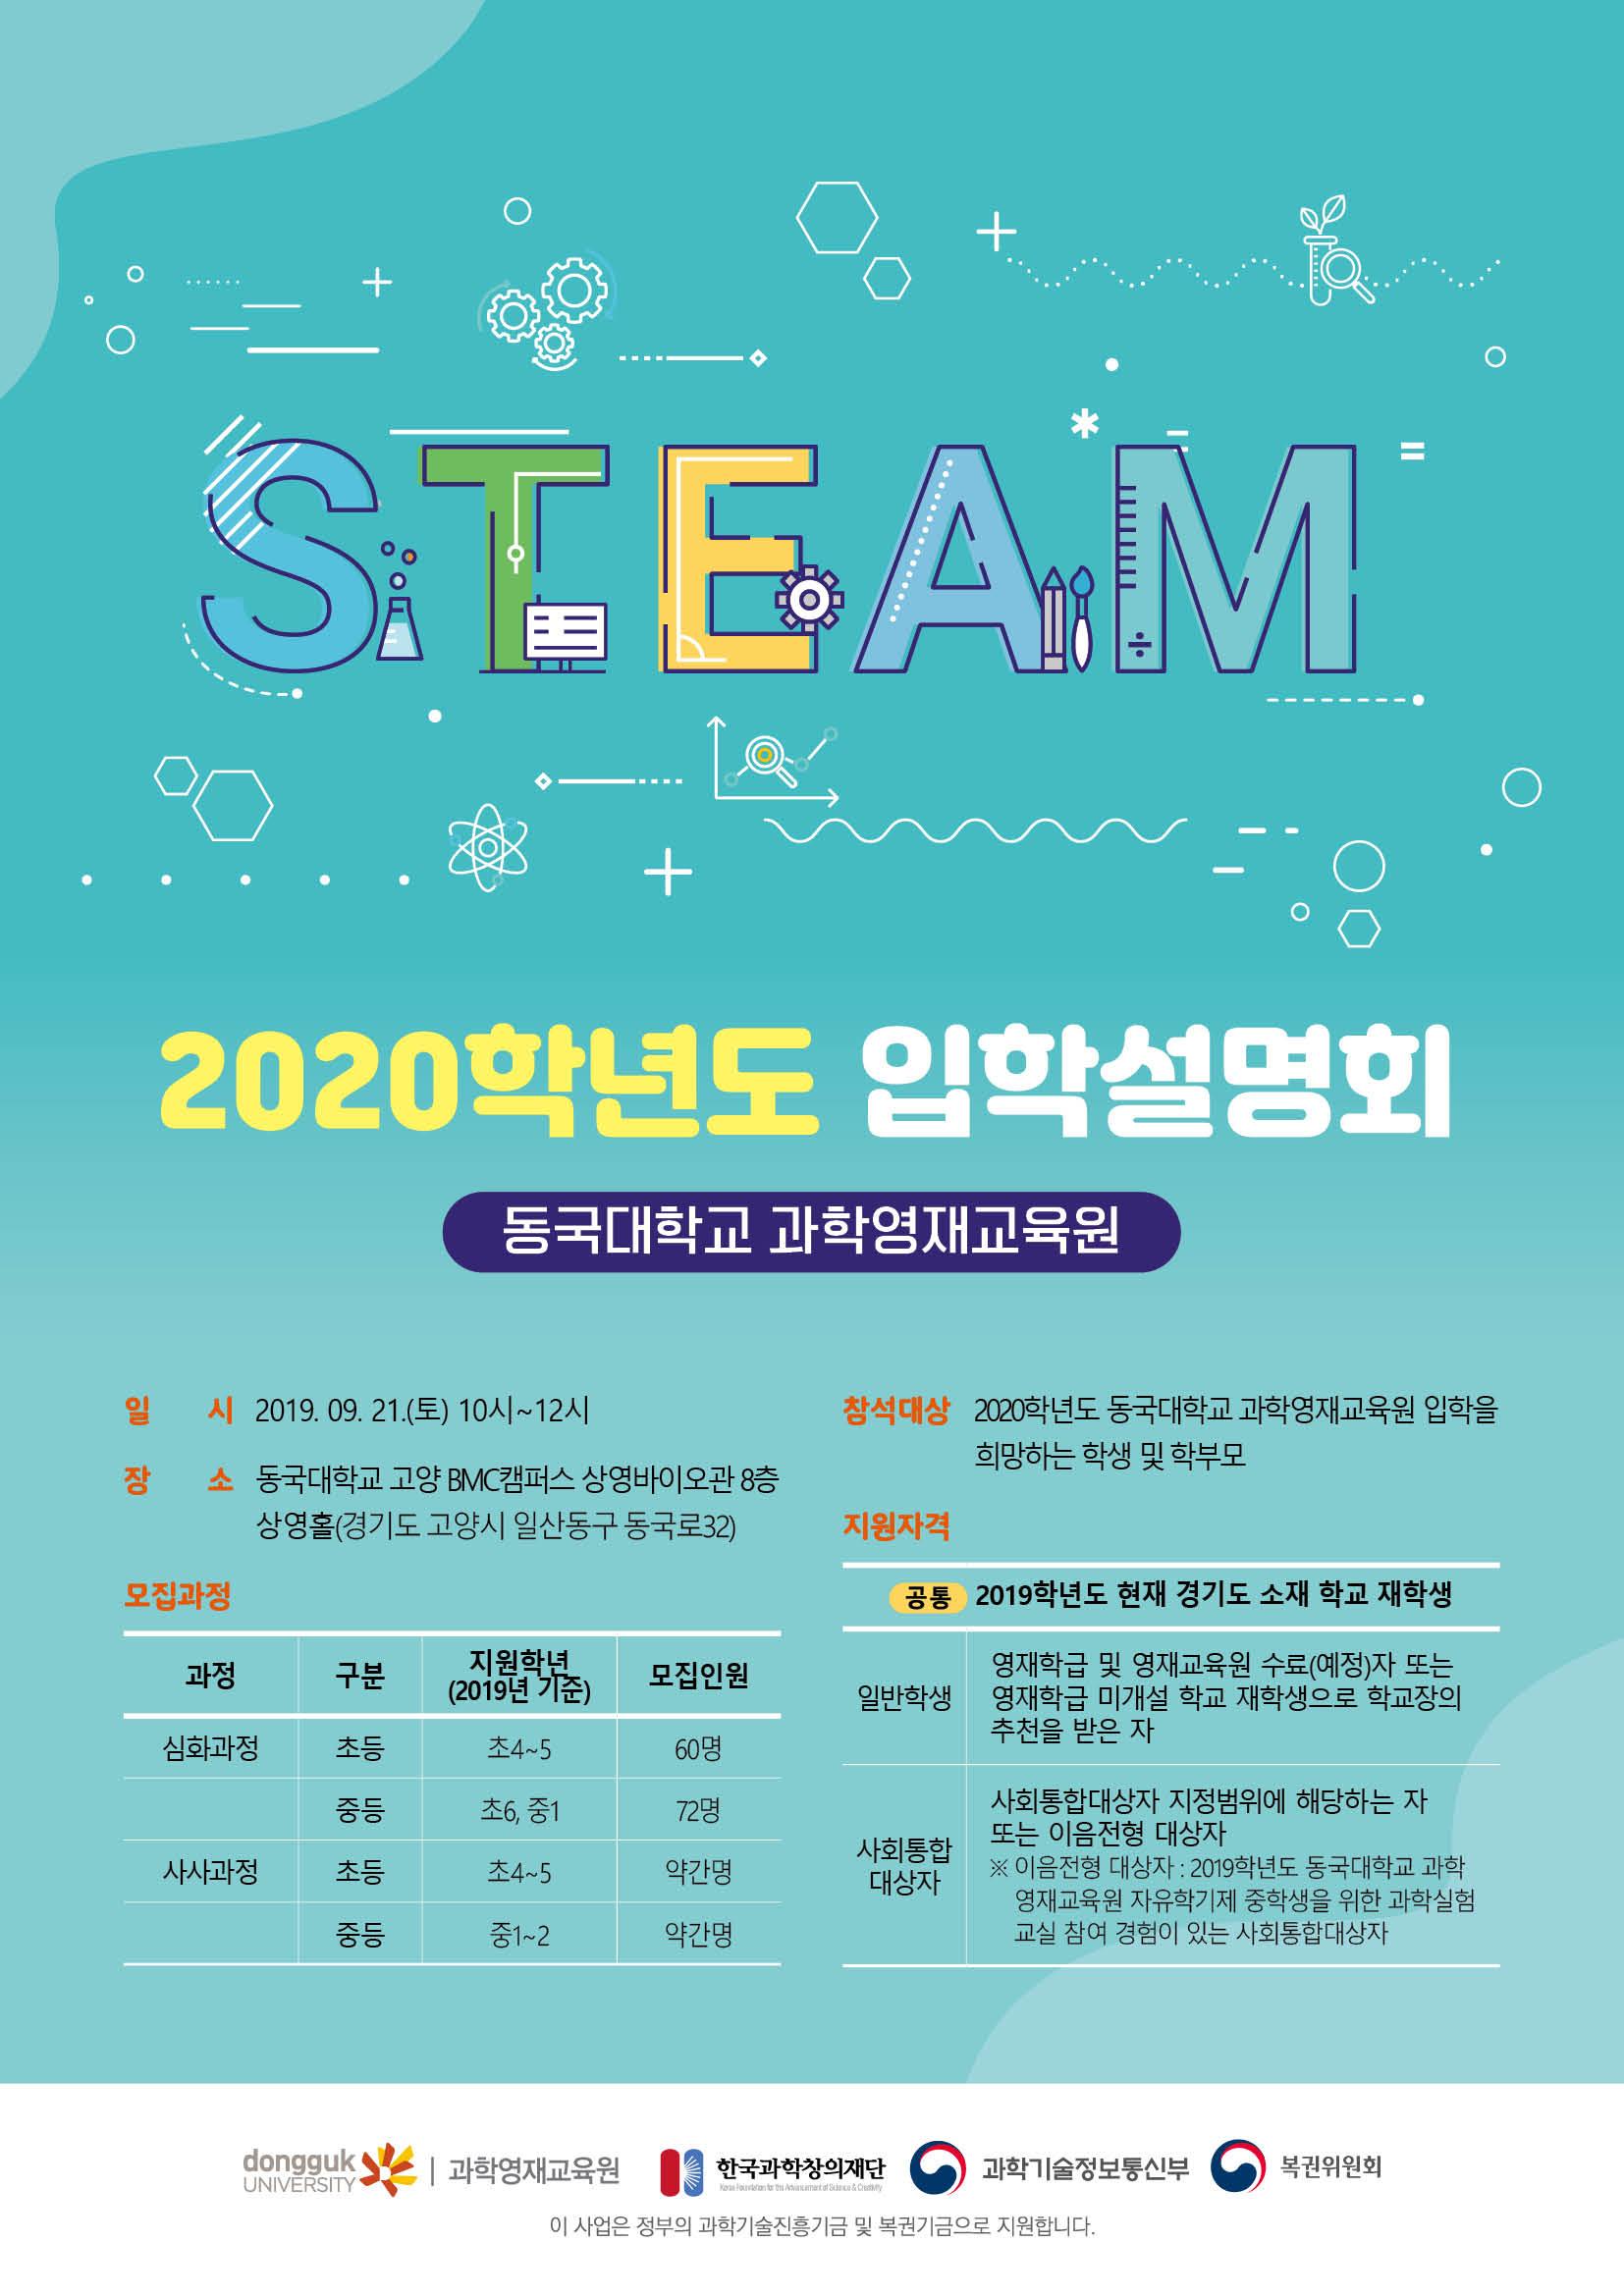 [일반] 2020학년도 동국대 과학영재교육원 입학 안내(~10.04까지)의 첨부이미지 1